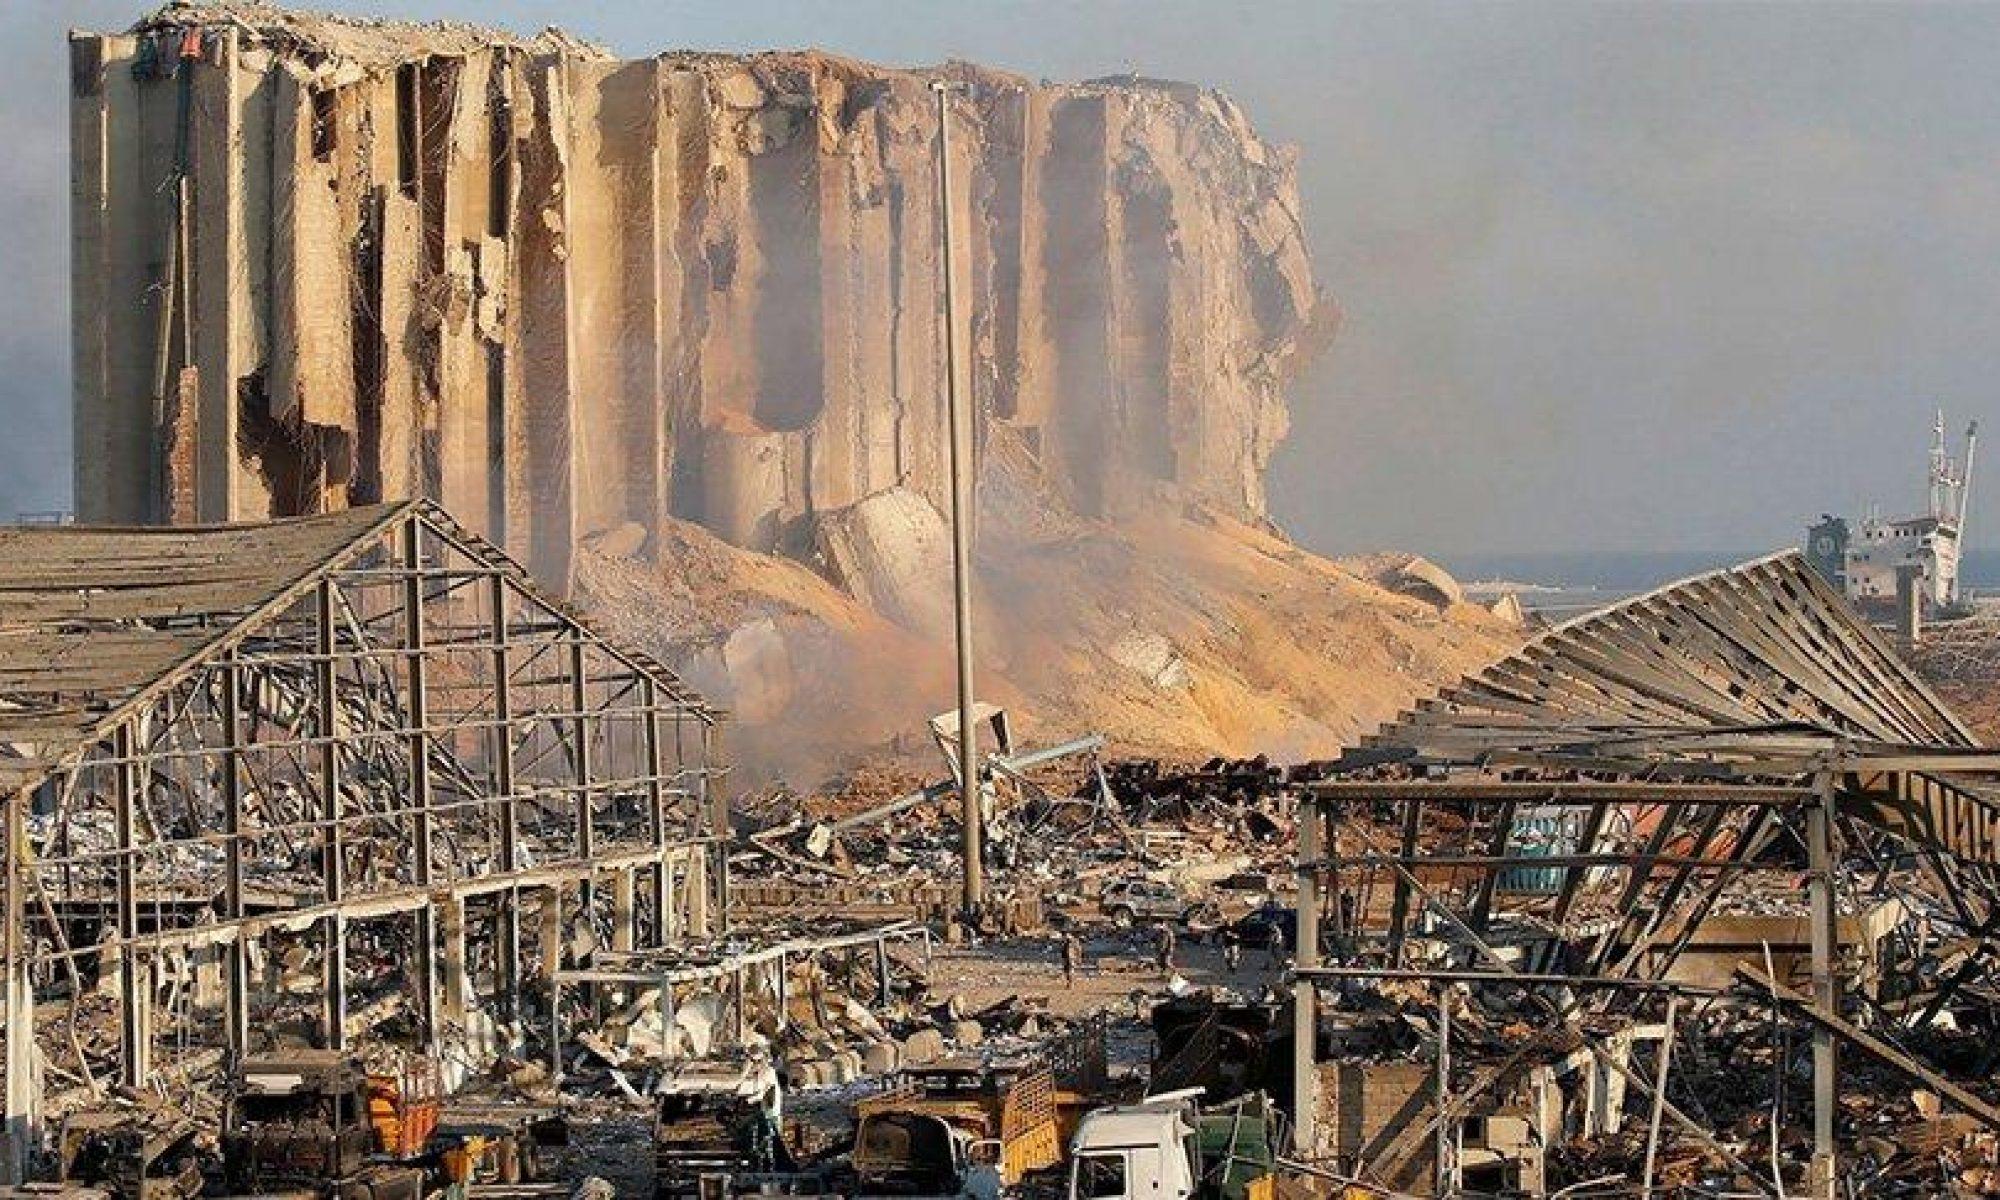 Patlamanın sonuçlarıyla mücadele edecek ekonomik gücümüz yok Raul Name, Lübnan, Beyrut, Lübnan Ekonomi Bakanı